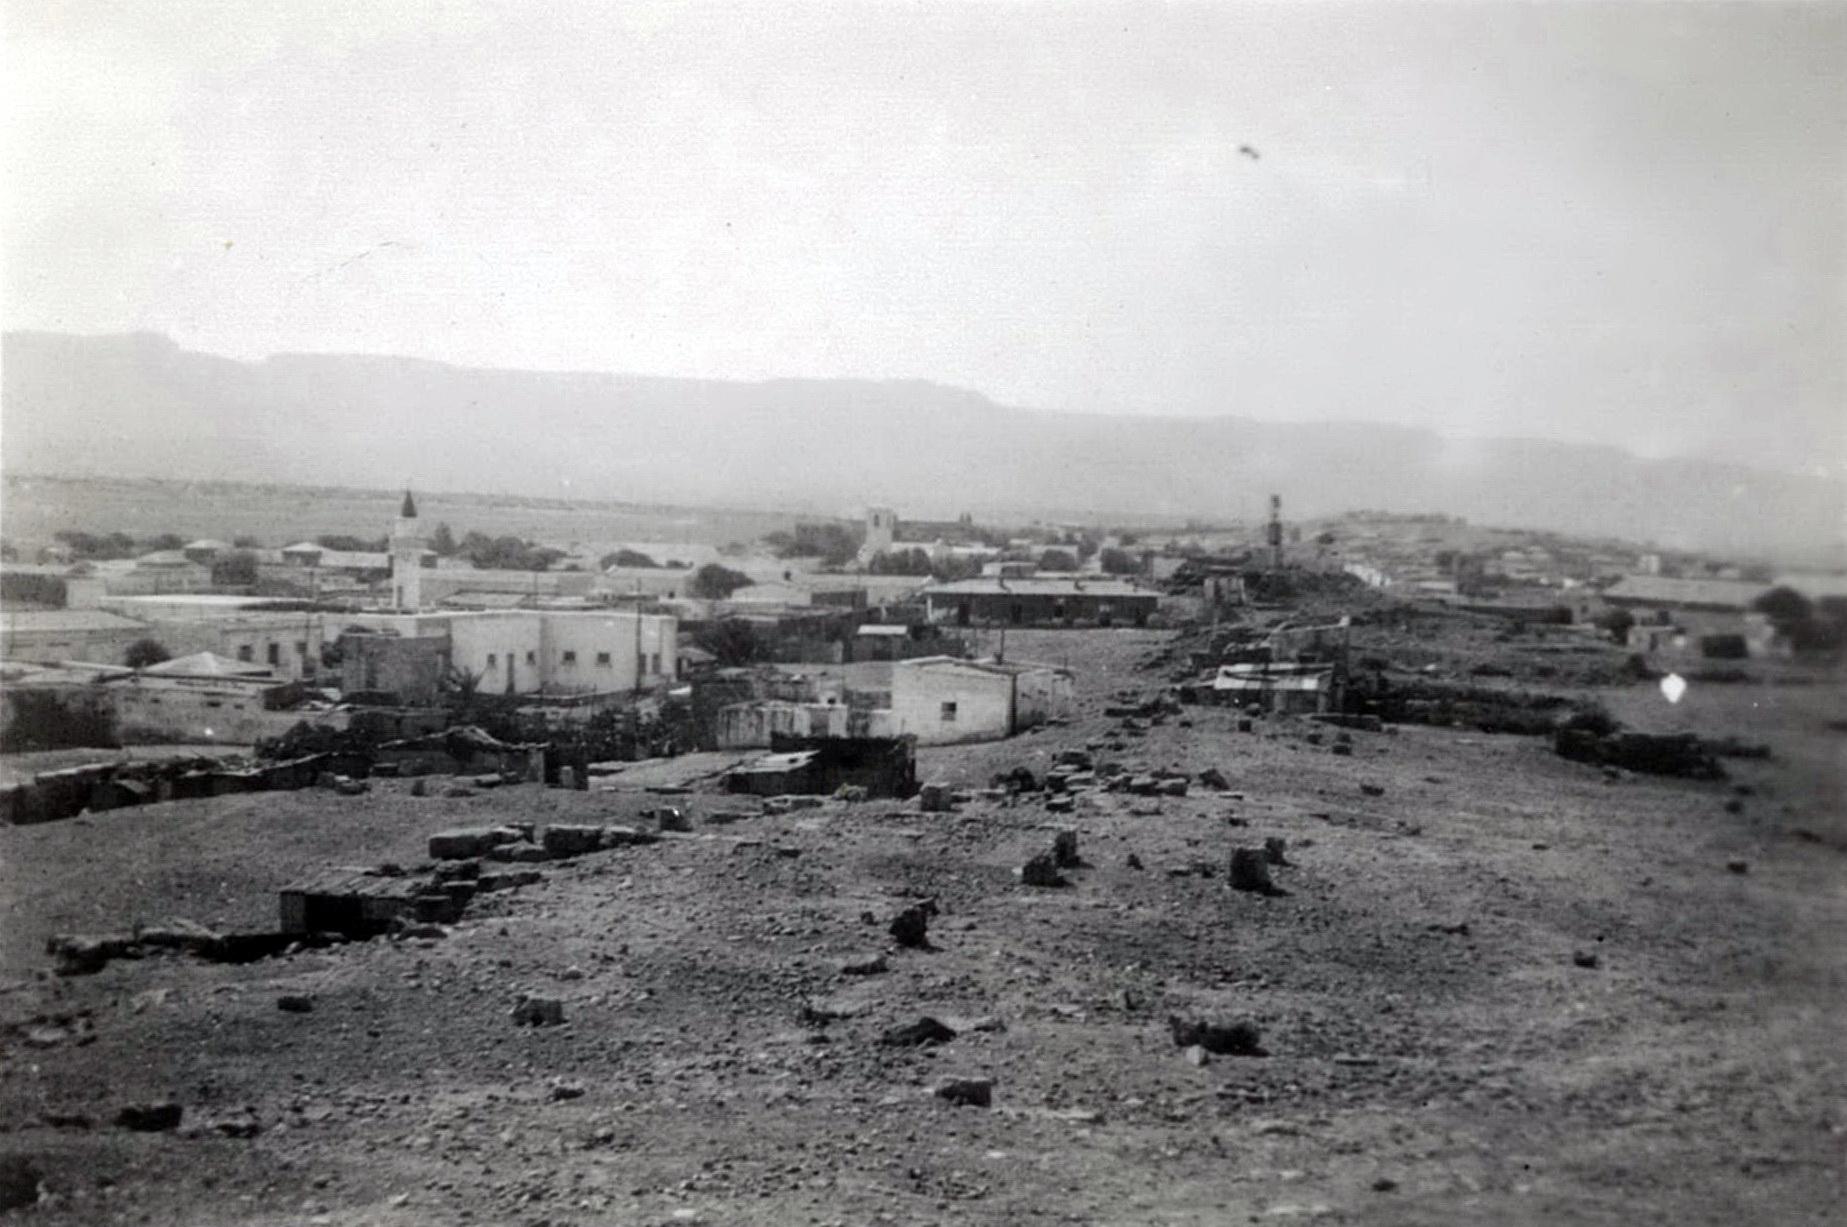 Benghazi Libya 1944 - 4